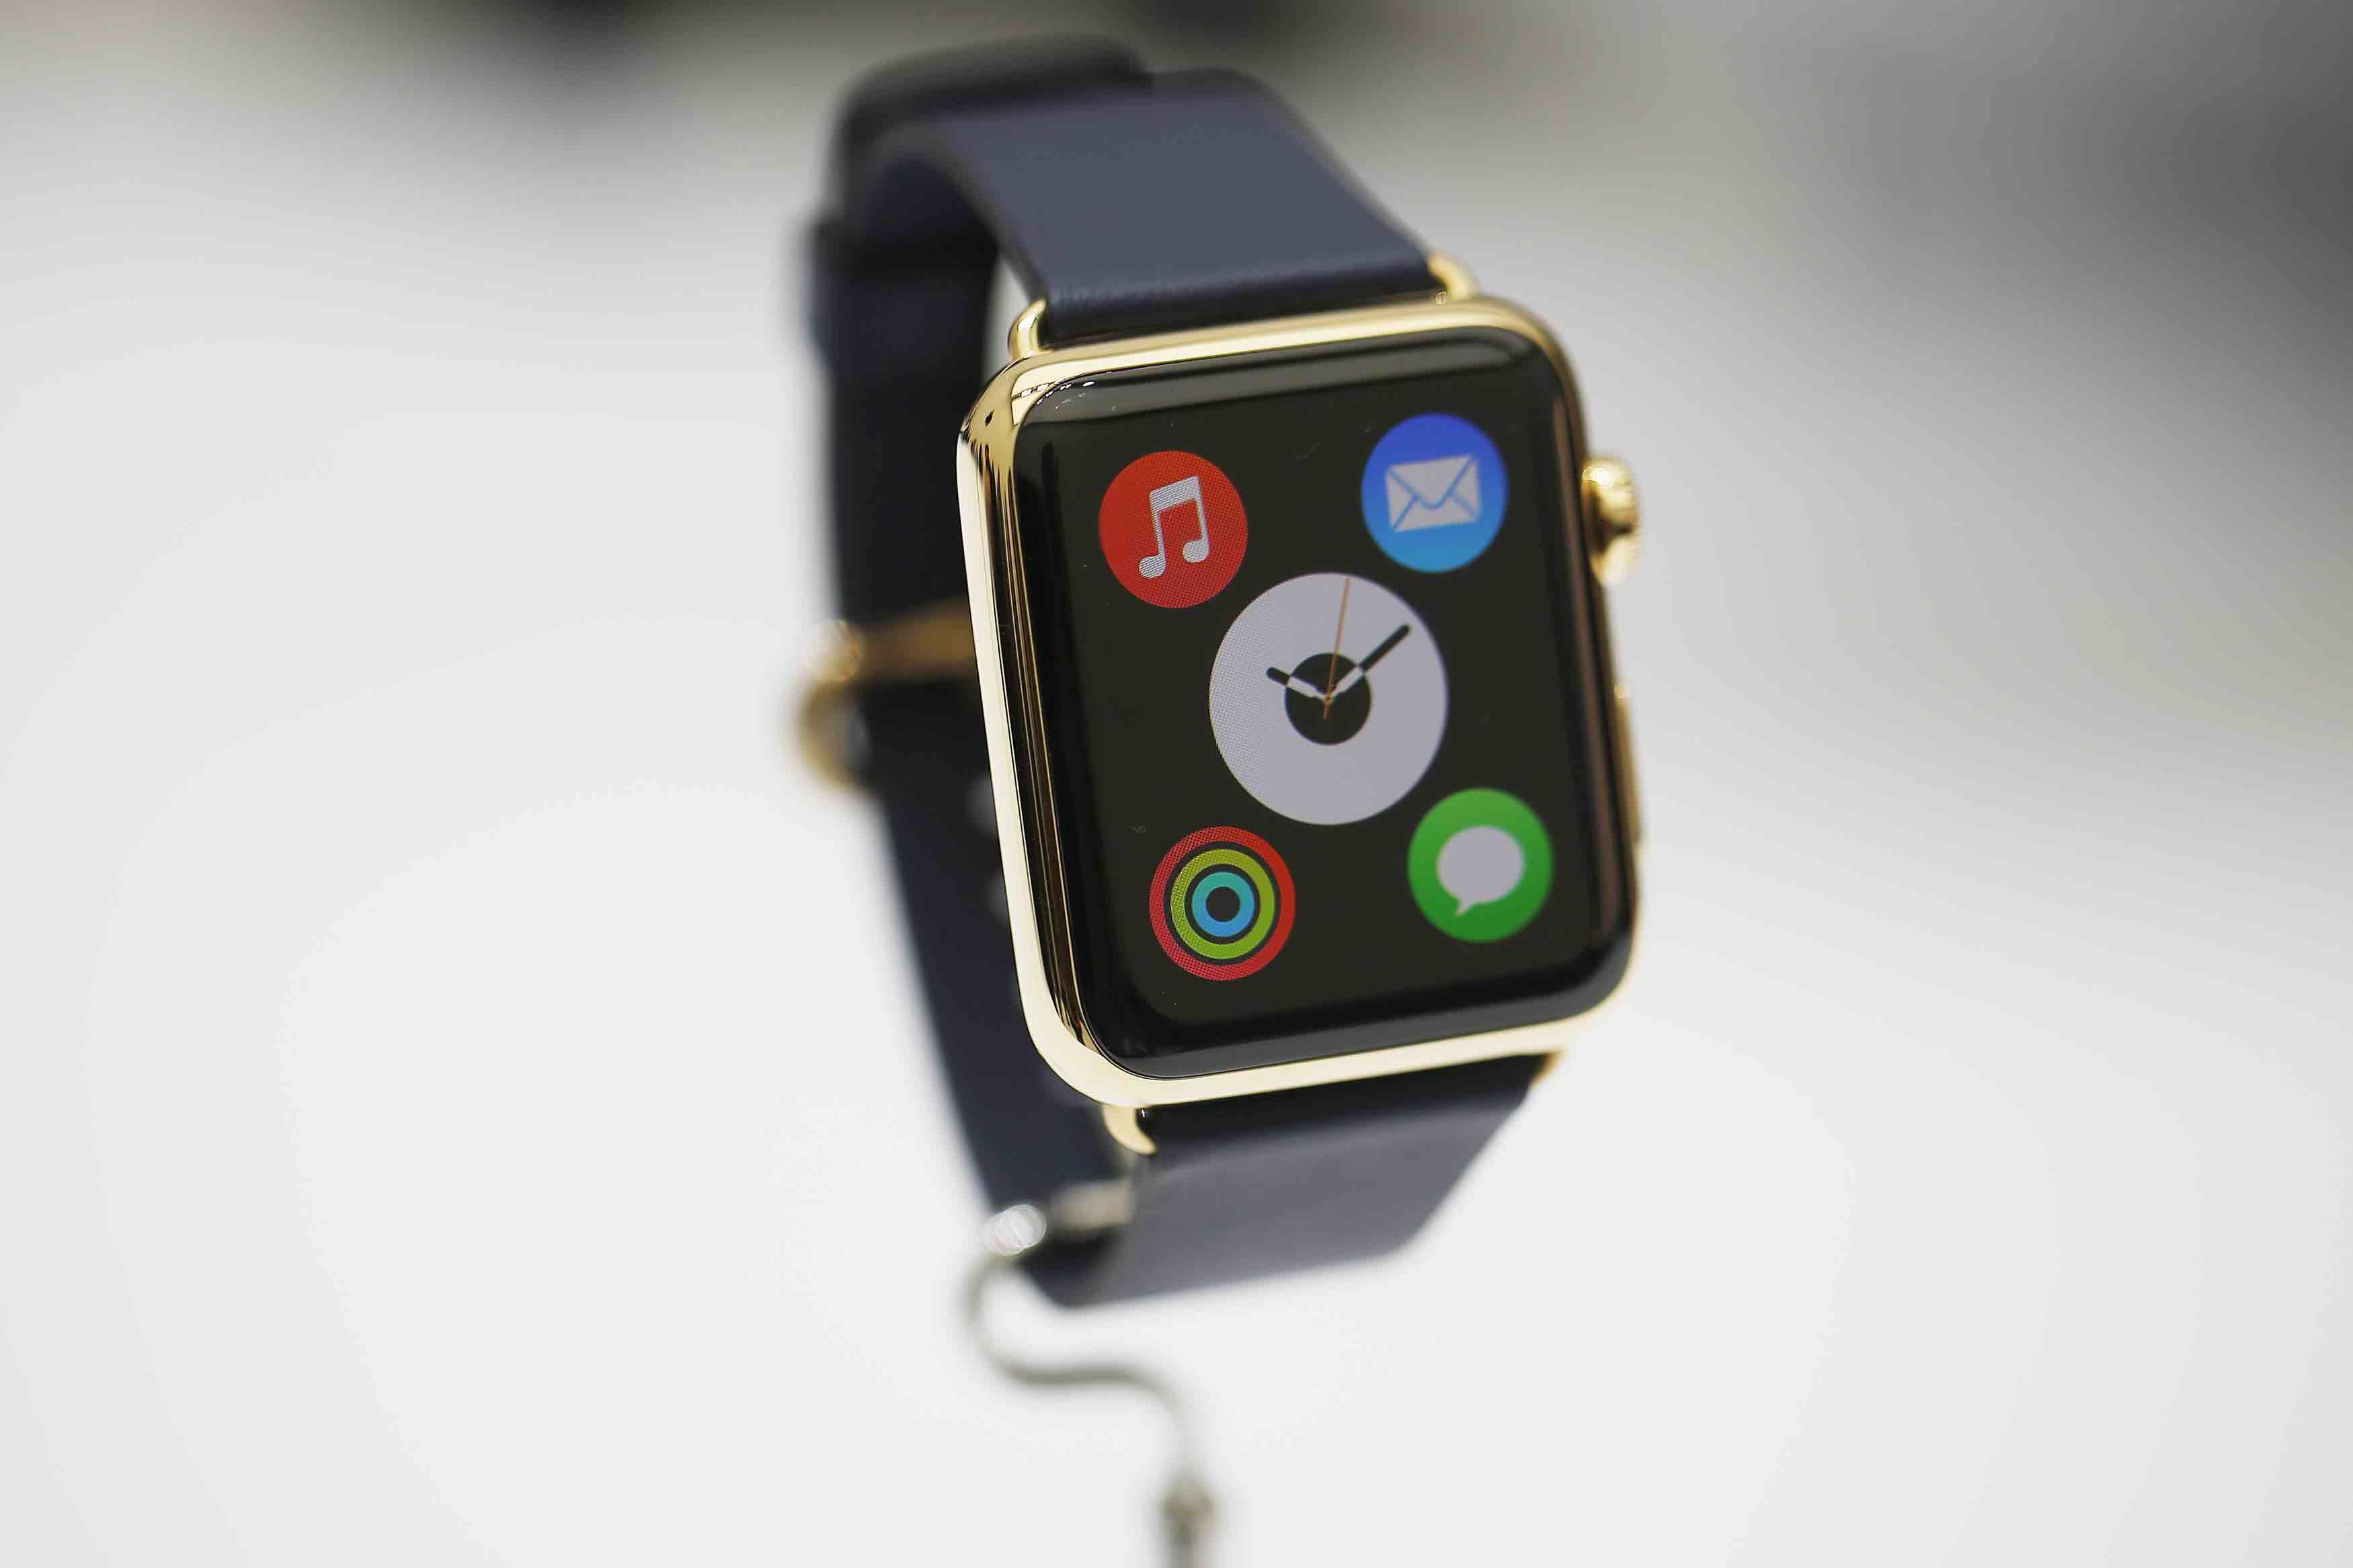 Apple Watch hakkında merak ettiğiniz her şey burada